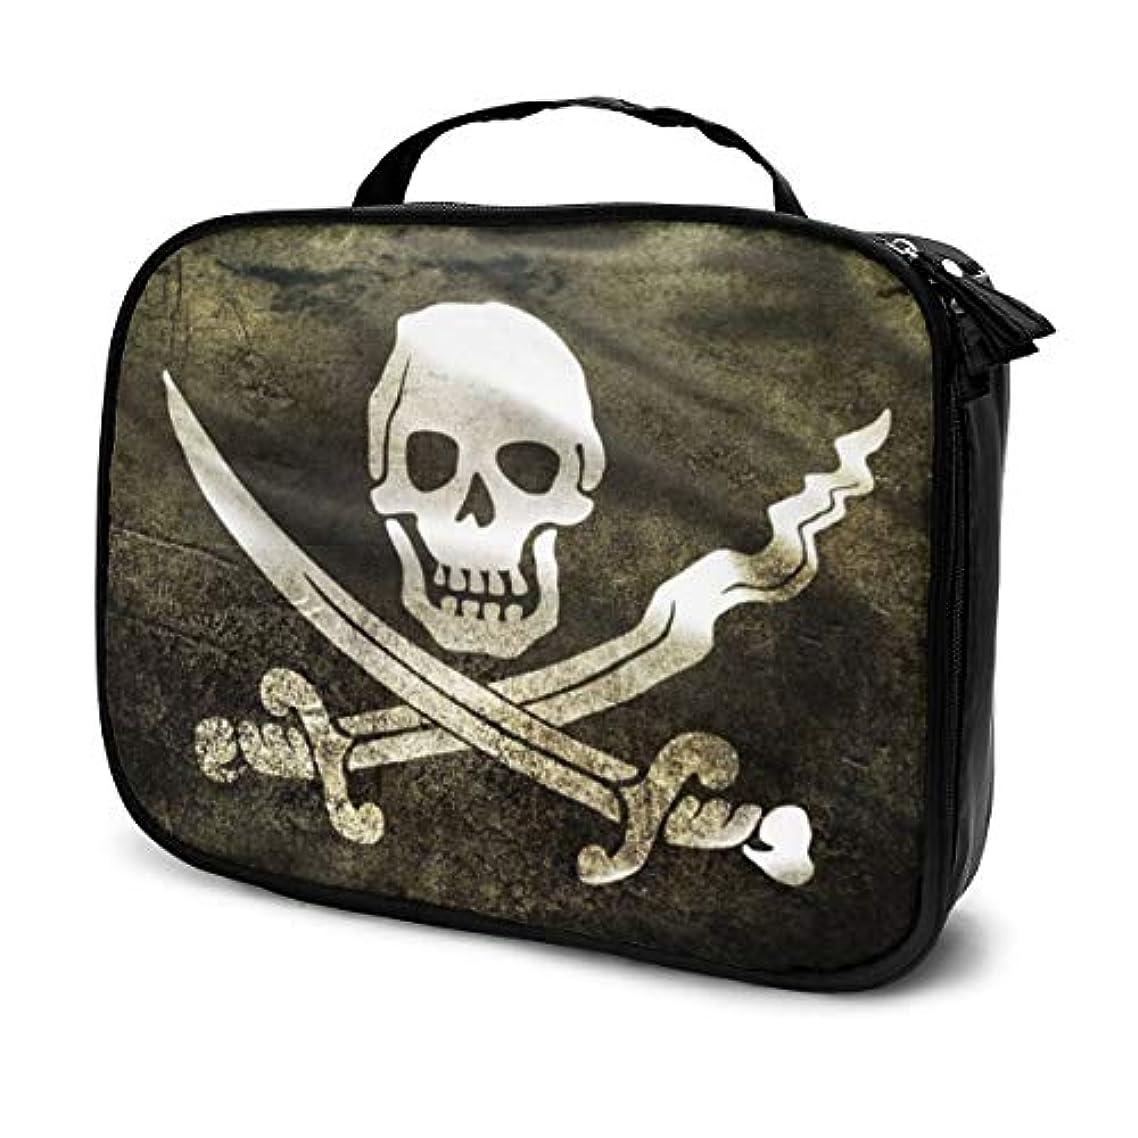 怒り考古学的な皮肉な化粧ポーチ 海賊ジャックキャプテンCaptain Jack 女性化粧品バッグ ビューティー メイク道具 フェイスケアツール 化粧ポーチメイクボックス ホーム、旅行、ショッピング、ショッピング